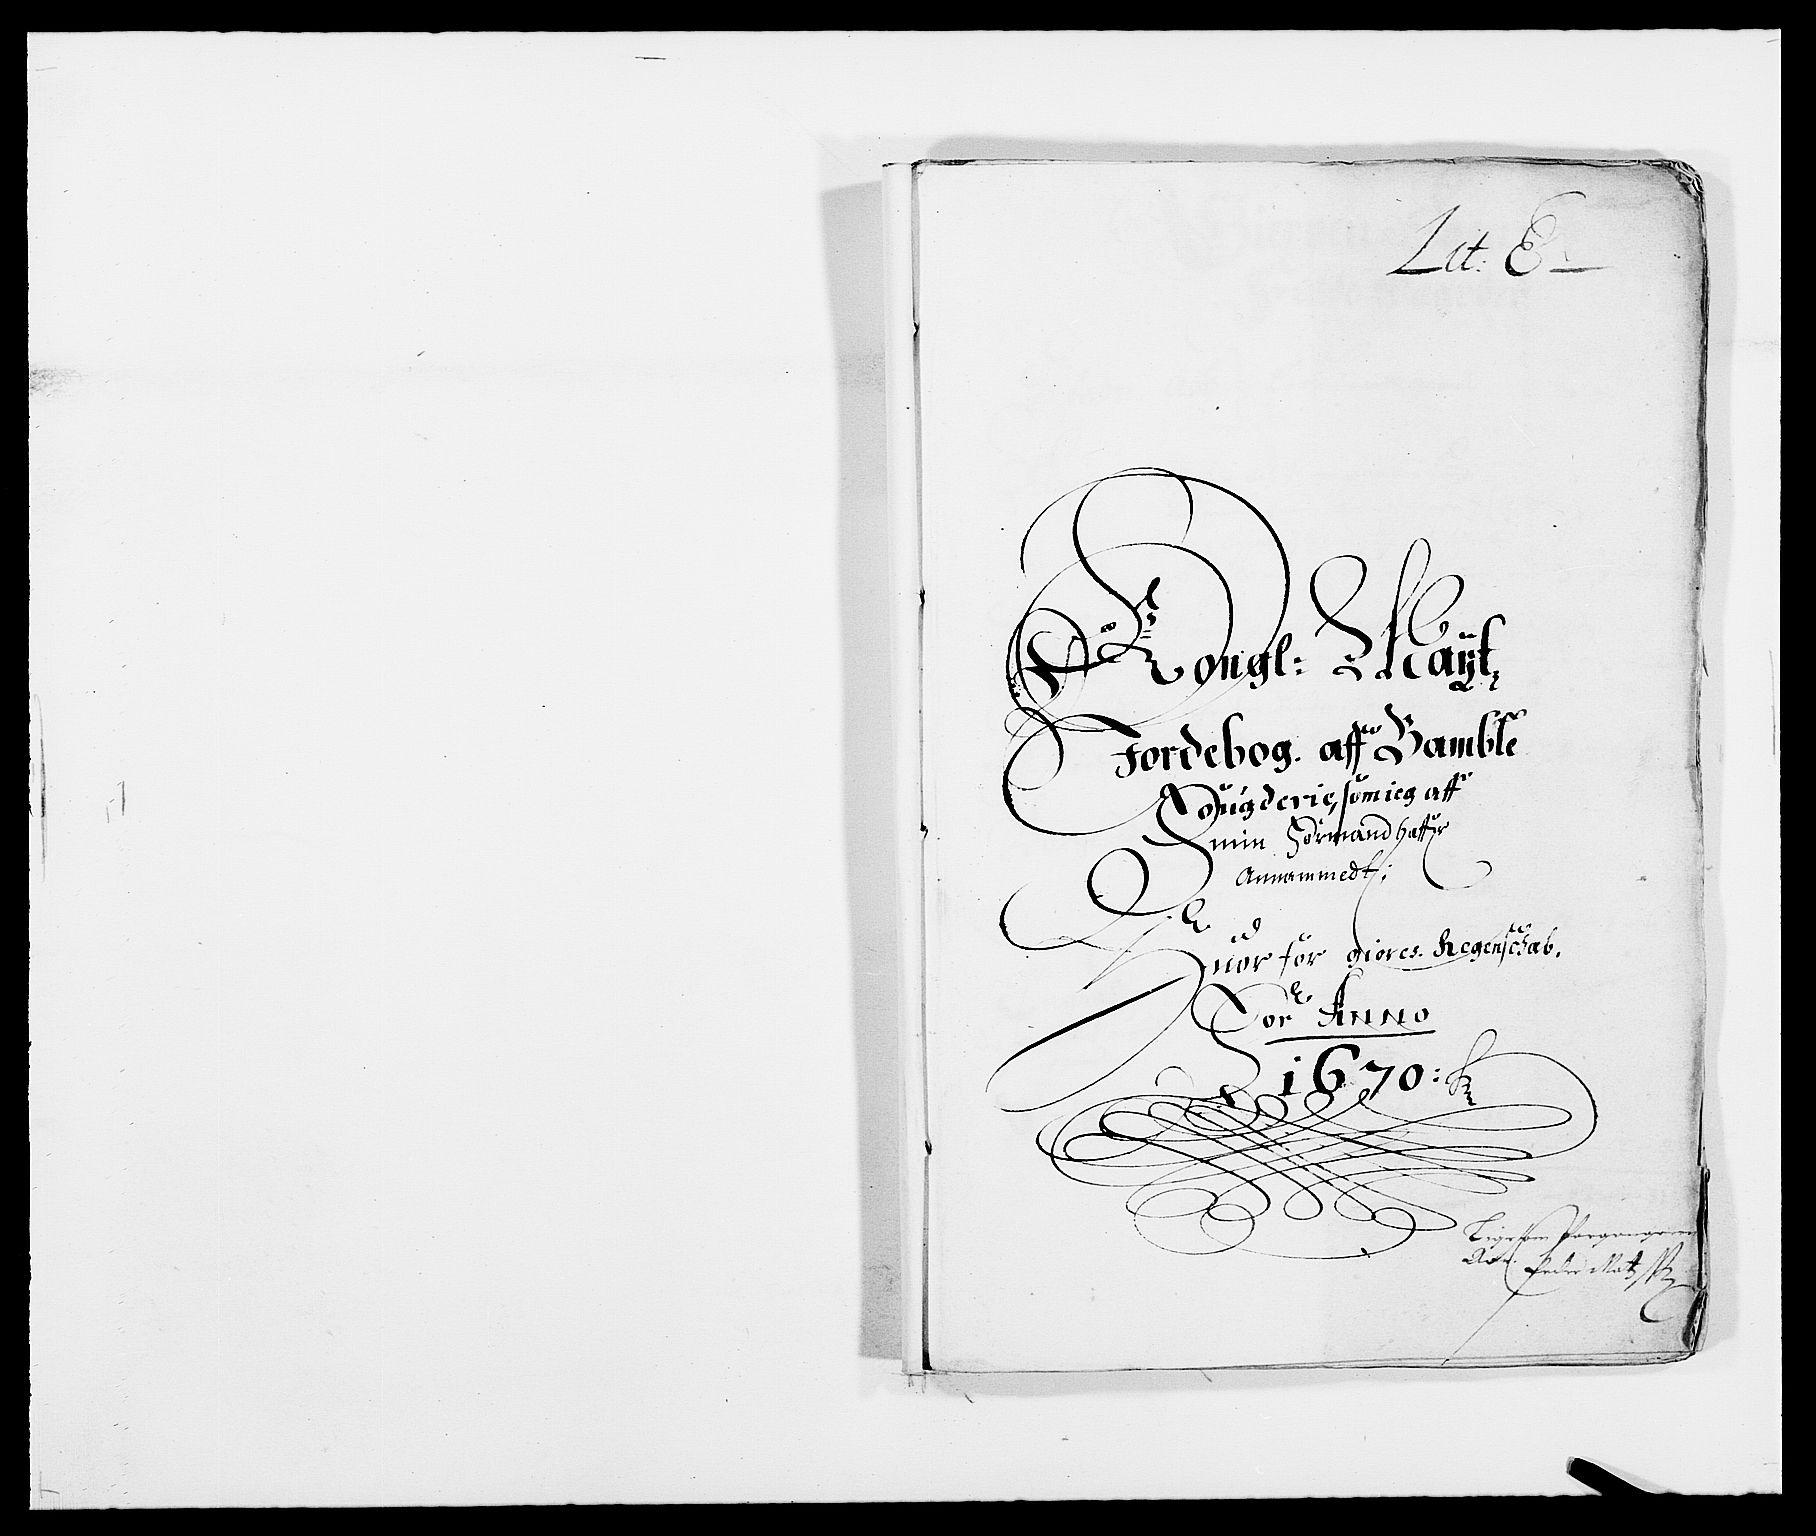 RA, Rentekammeret inntil 1814, Reviderte regnskaper, Fogderegnskap, R34/L2041: Fogderegnskap Bamble, 1670-1672, s. 80